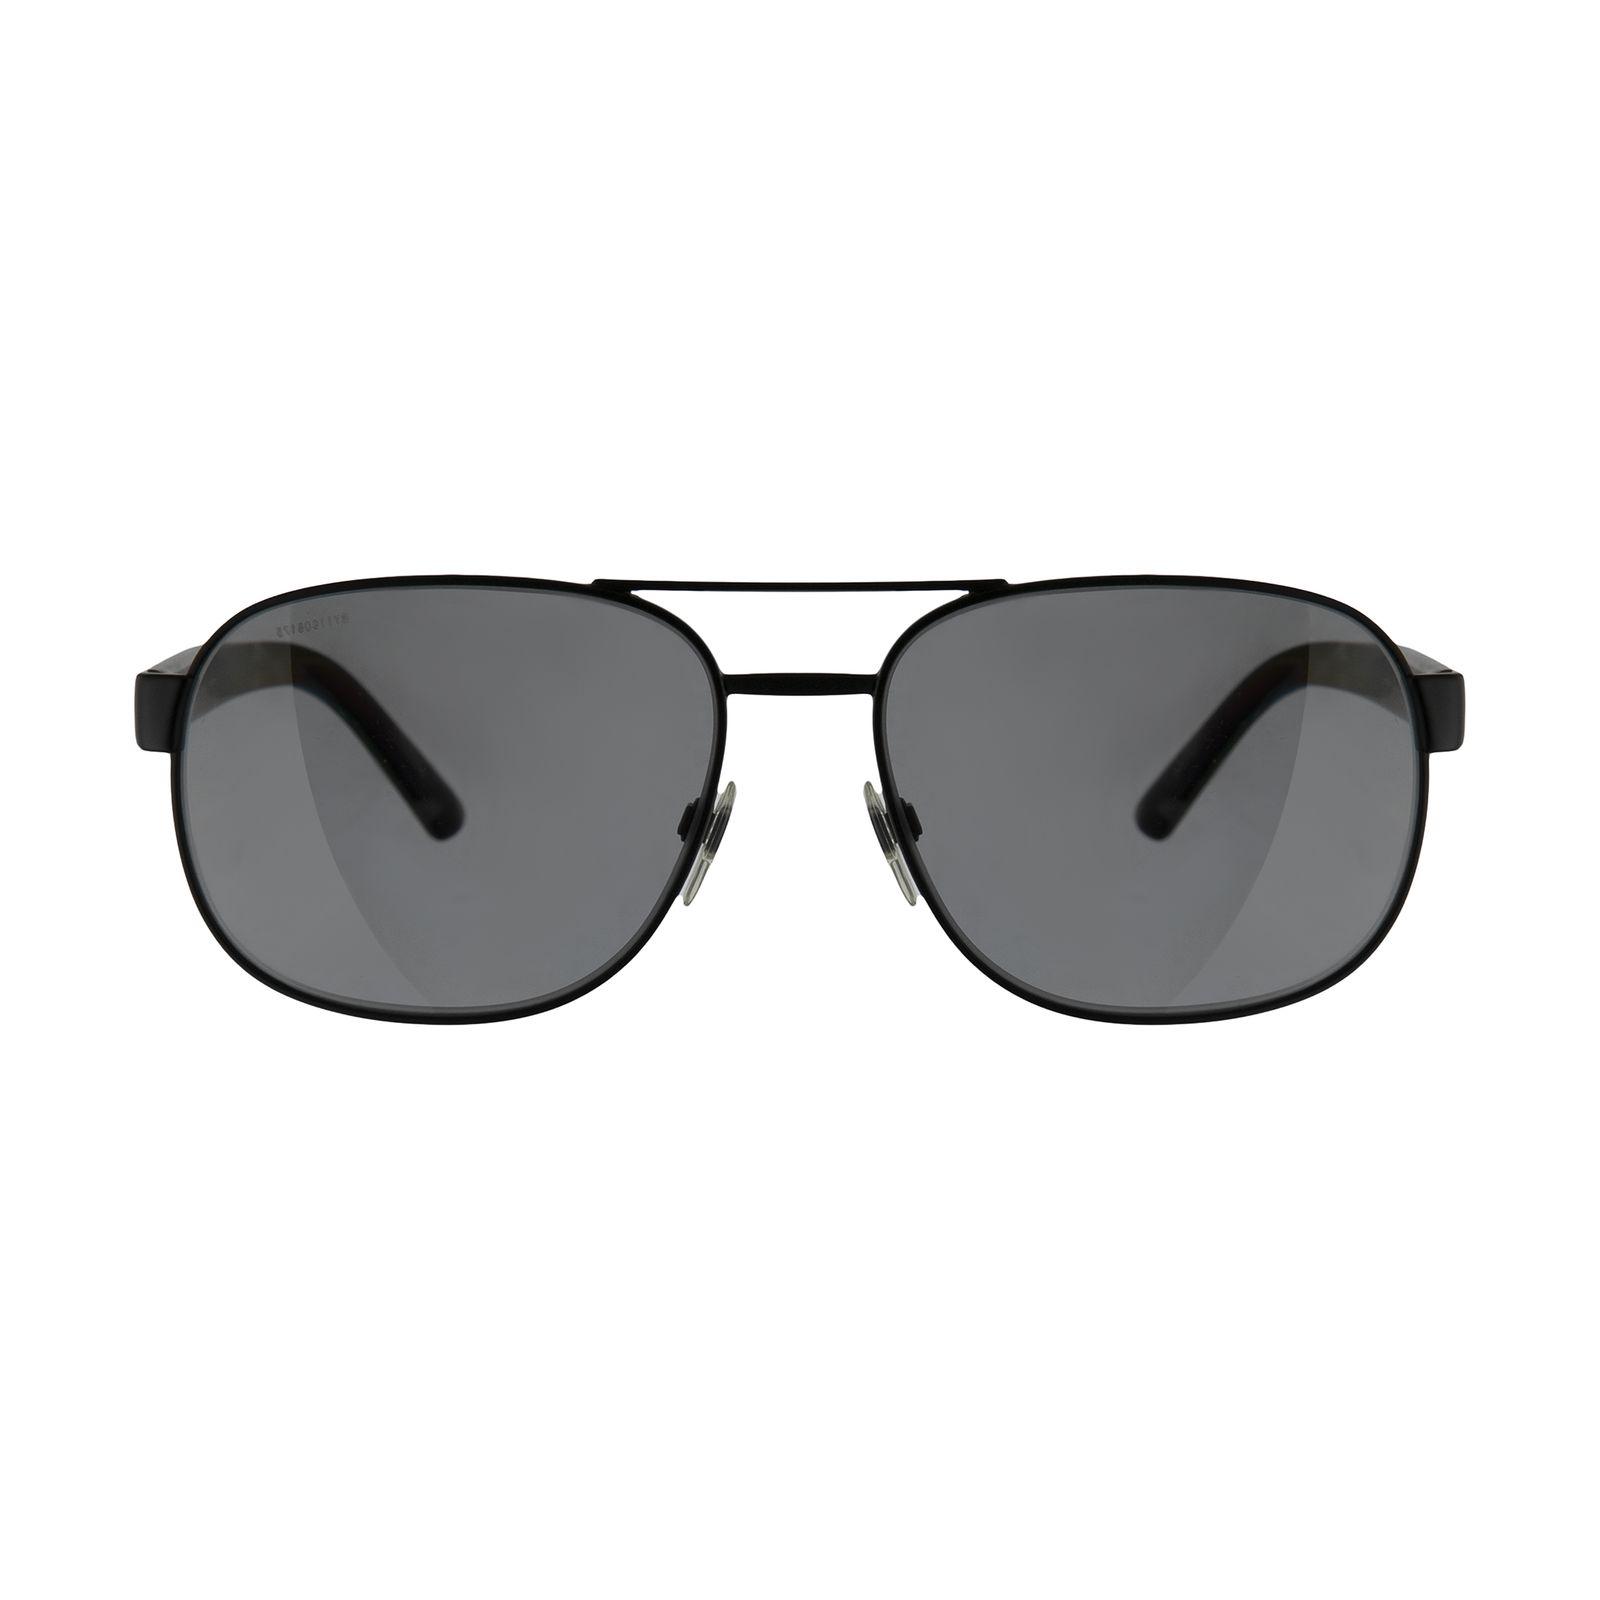 عینک آفتابی زنانه بربری مدل BE 3083S 1007T8 59 -  - 2